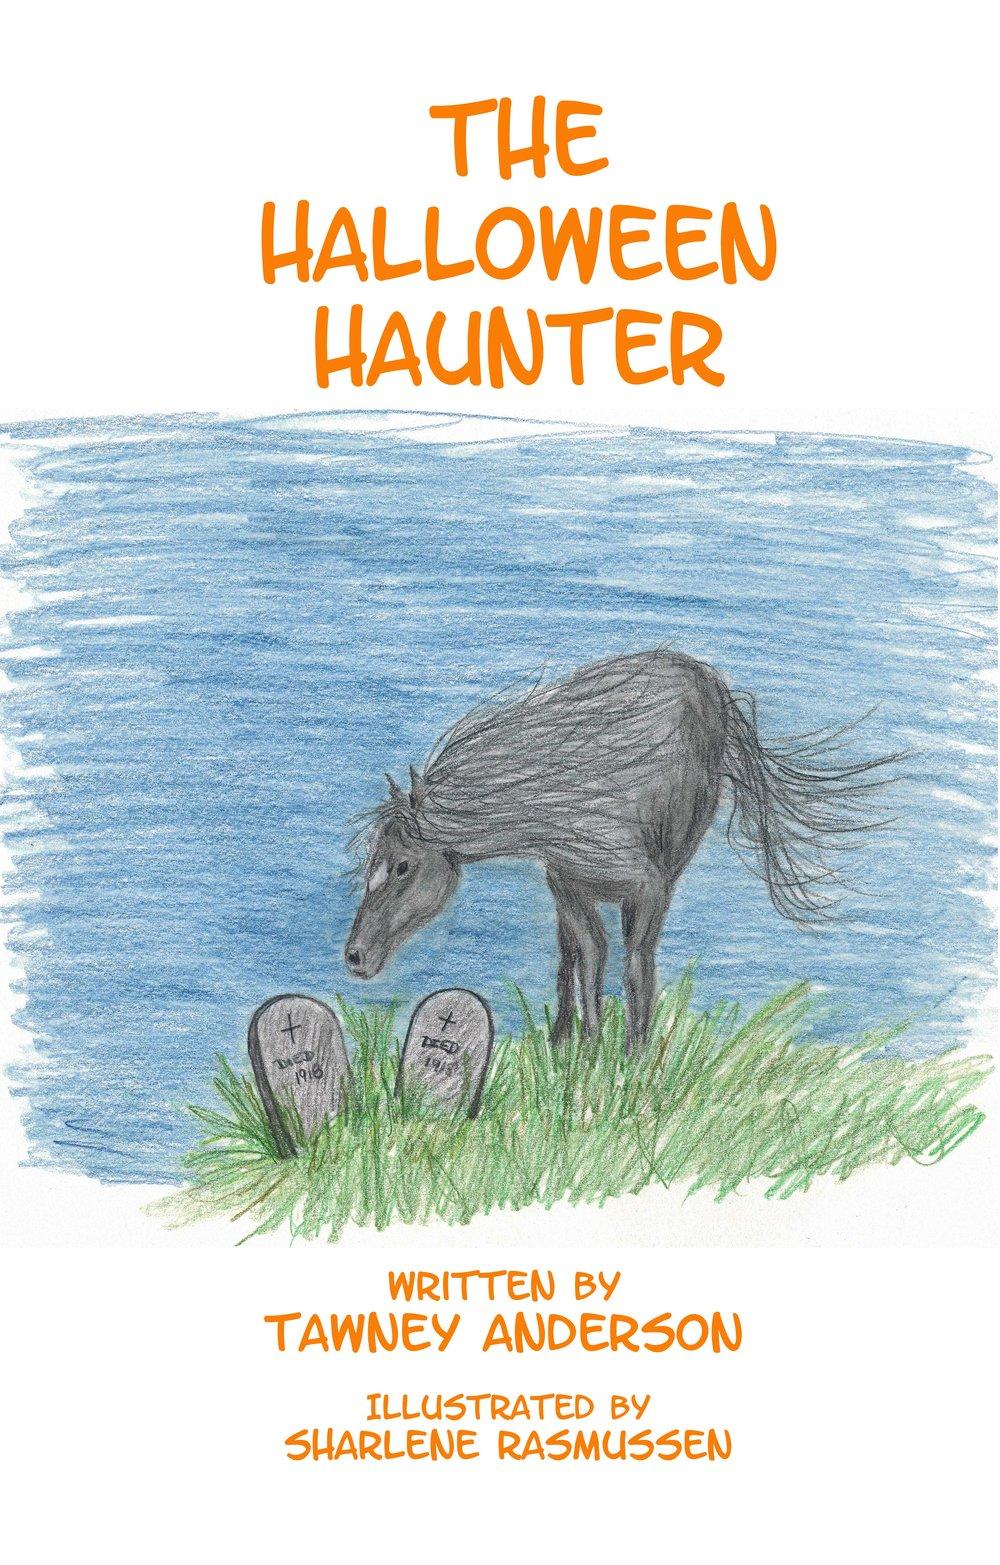 Halloween_Haunter_Front_Cover.jpg